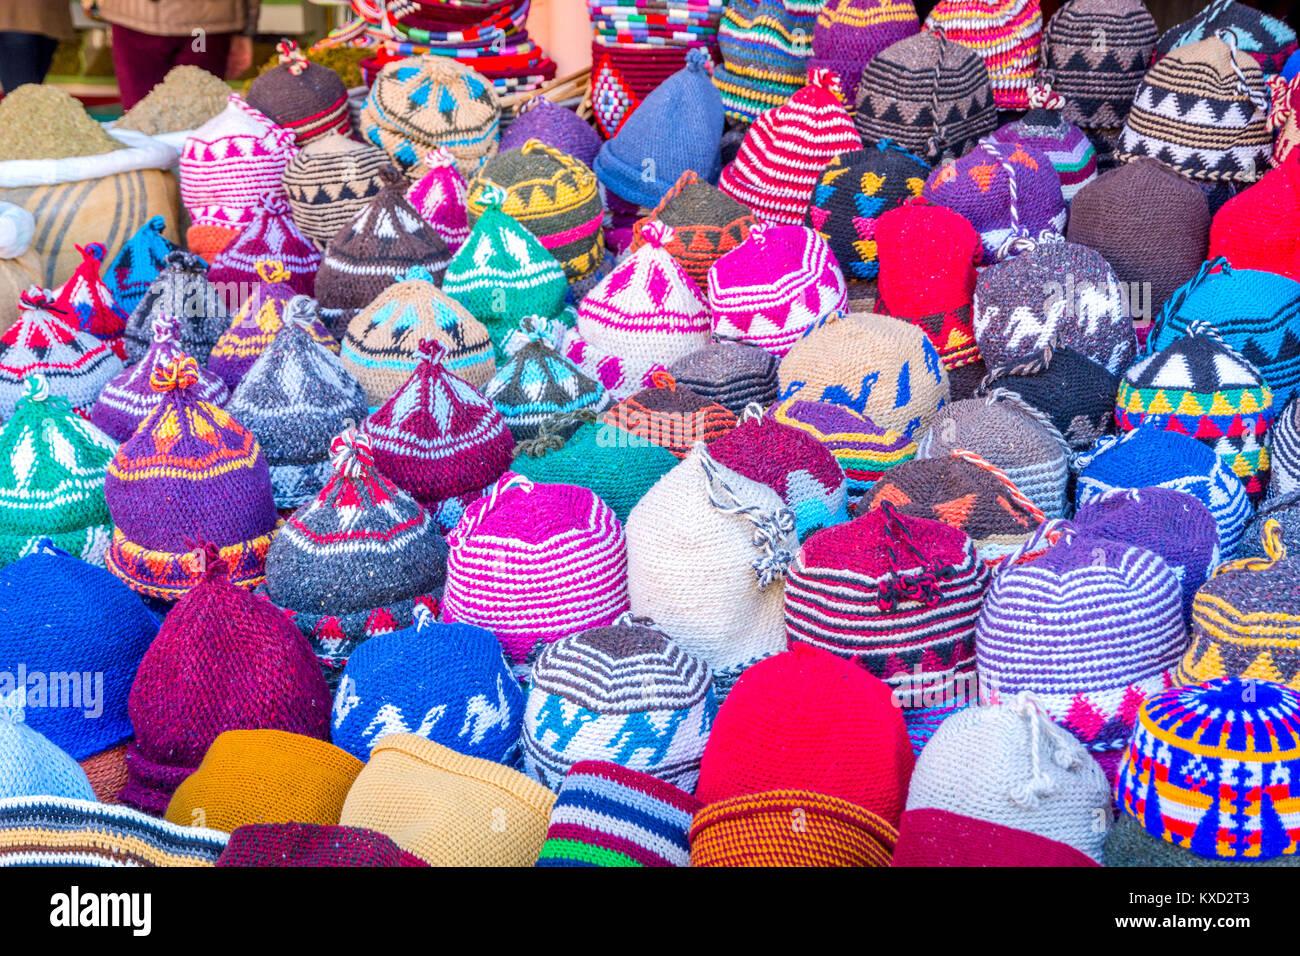 Sombreros De Invierno Imágenes De Stock   Sombreros De Invierno ... 89721c1e984